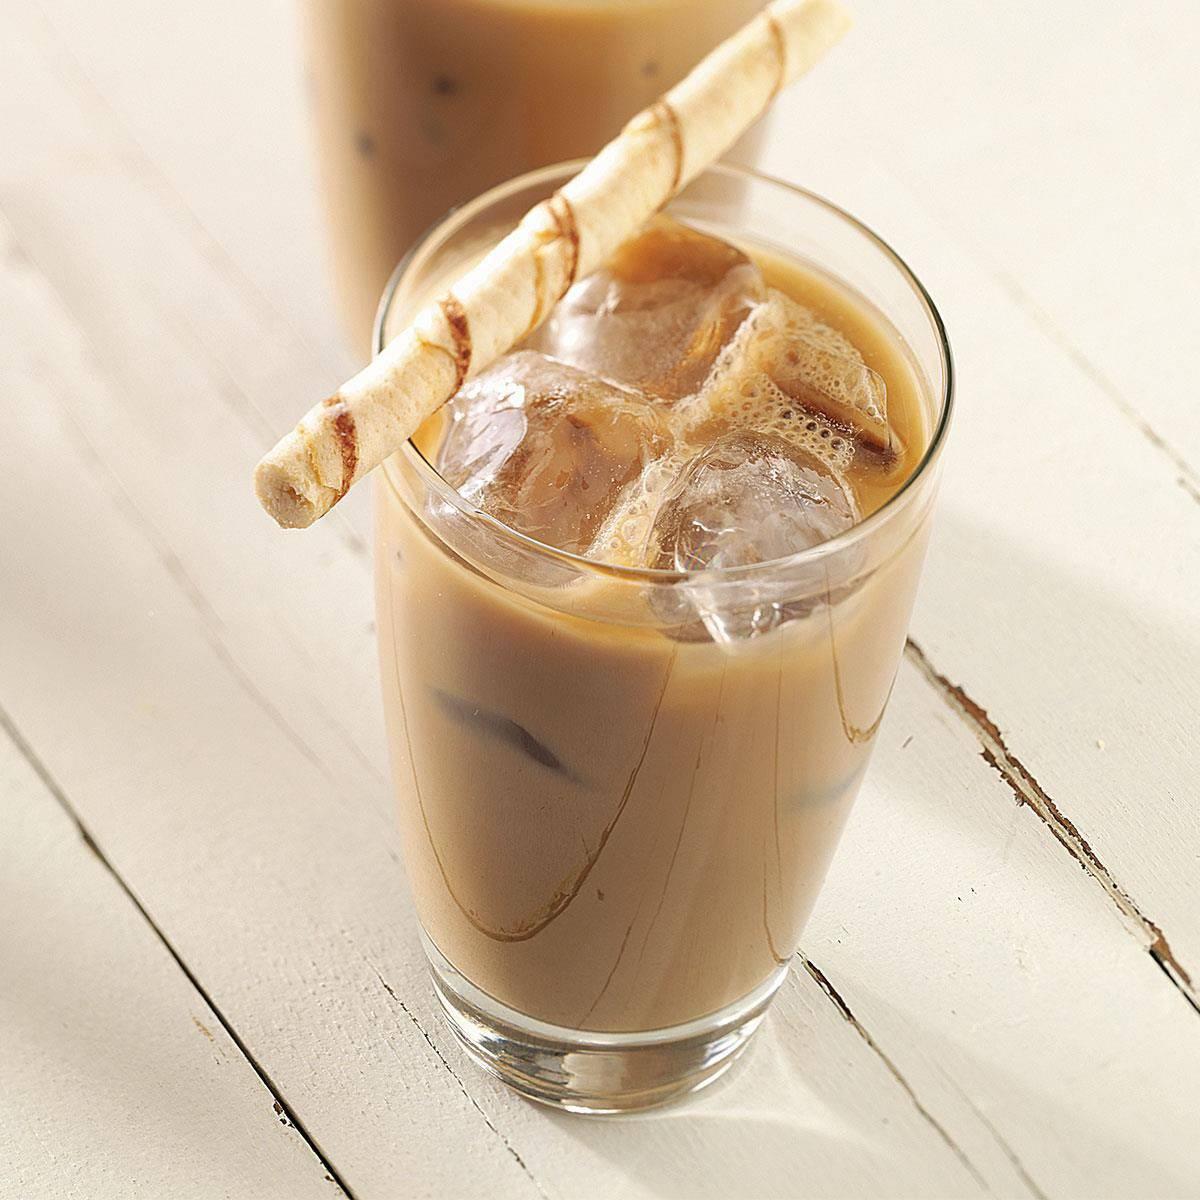 Айс кофе с соком